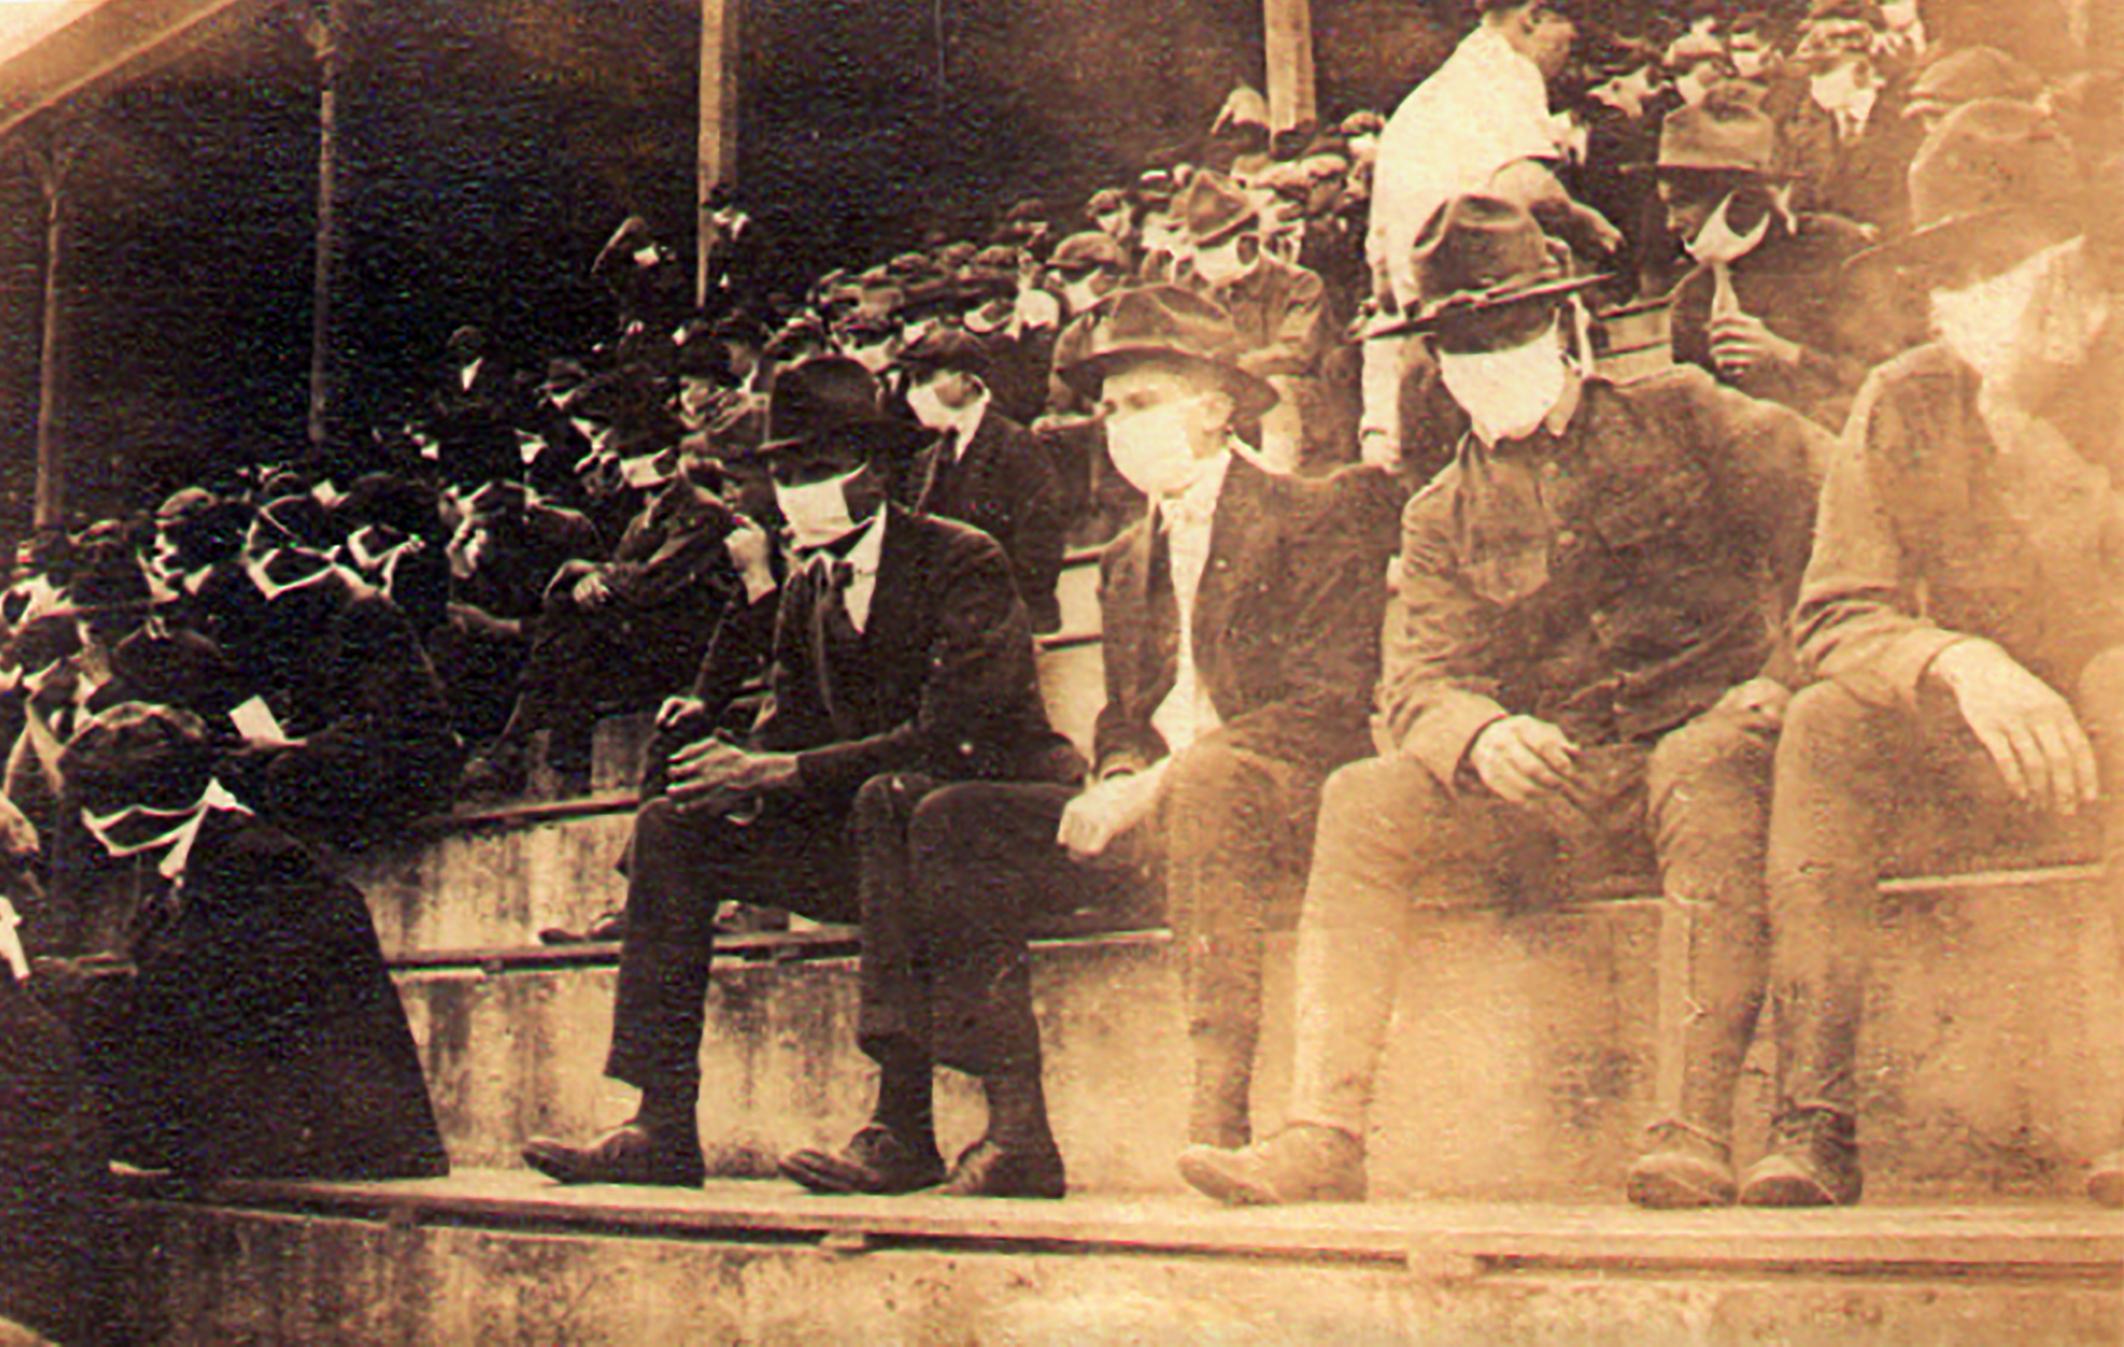 foto pandemia 1918